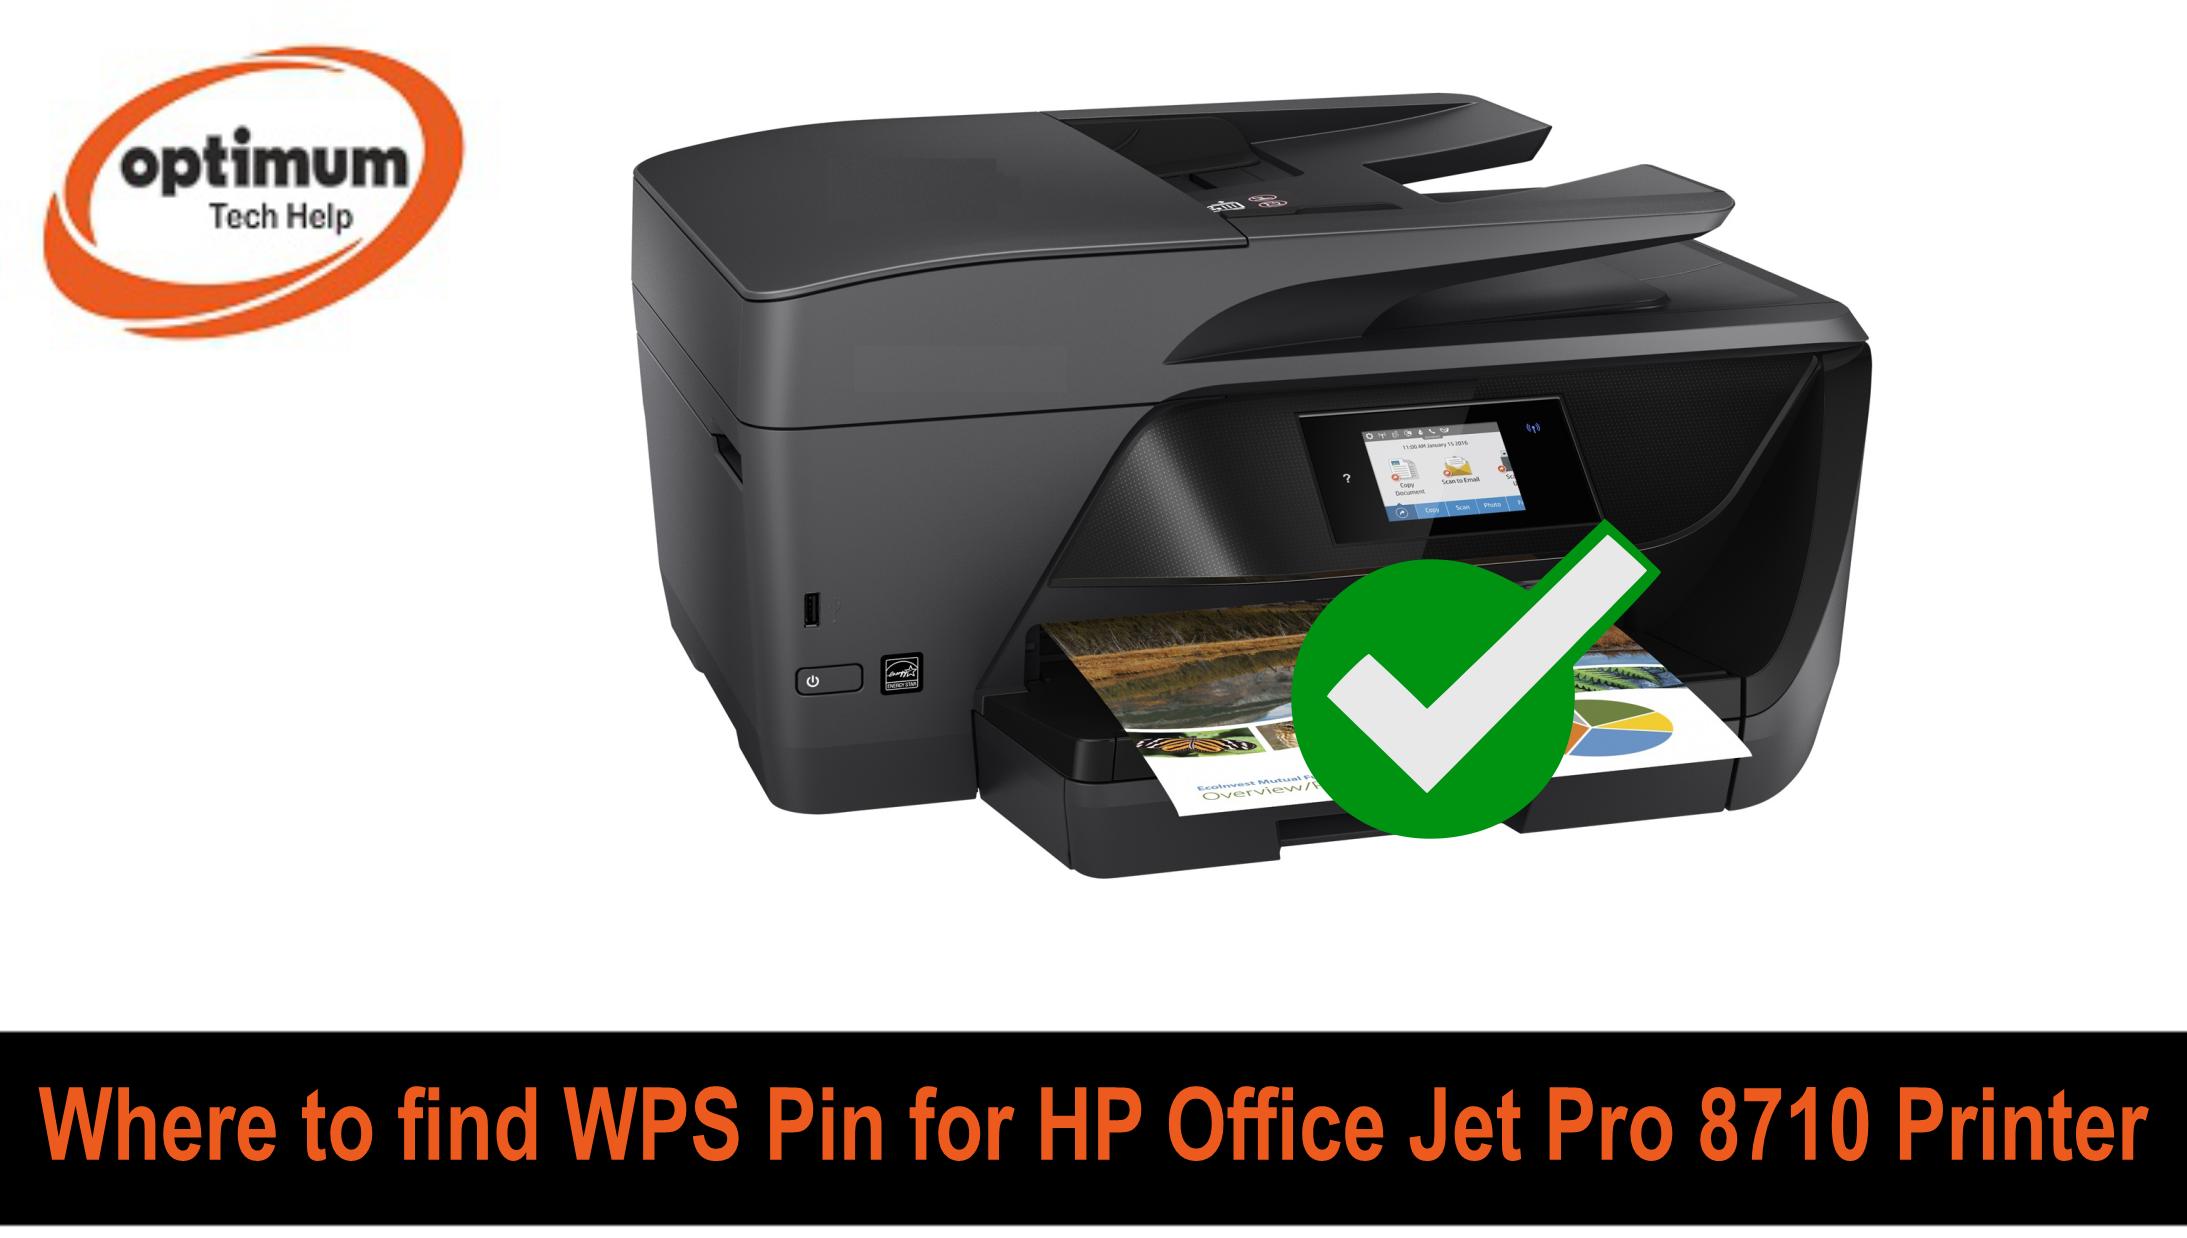 wps pin hp officejet pro 8710